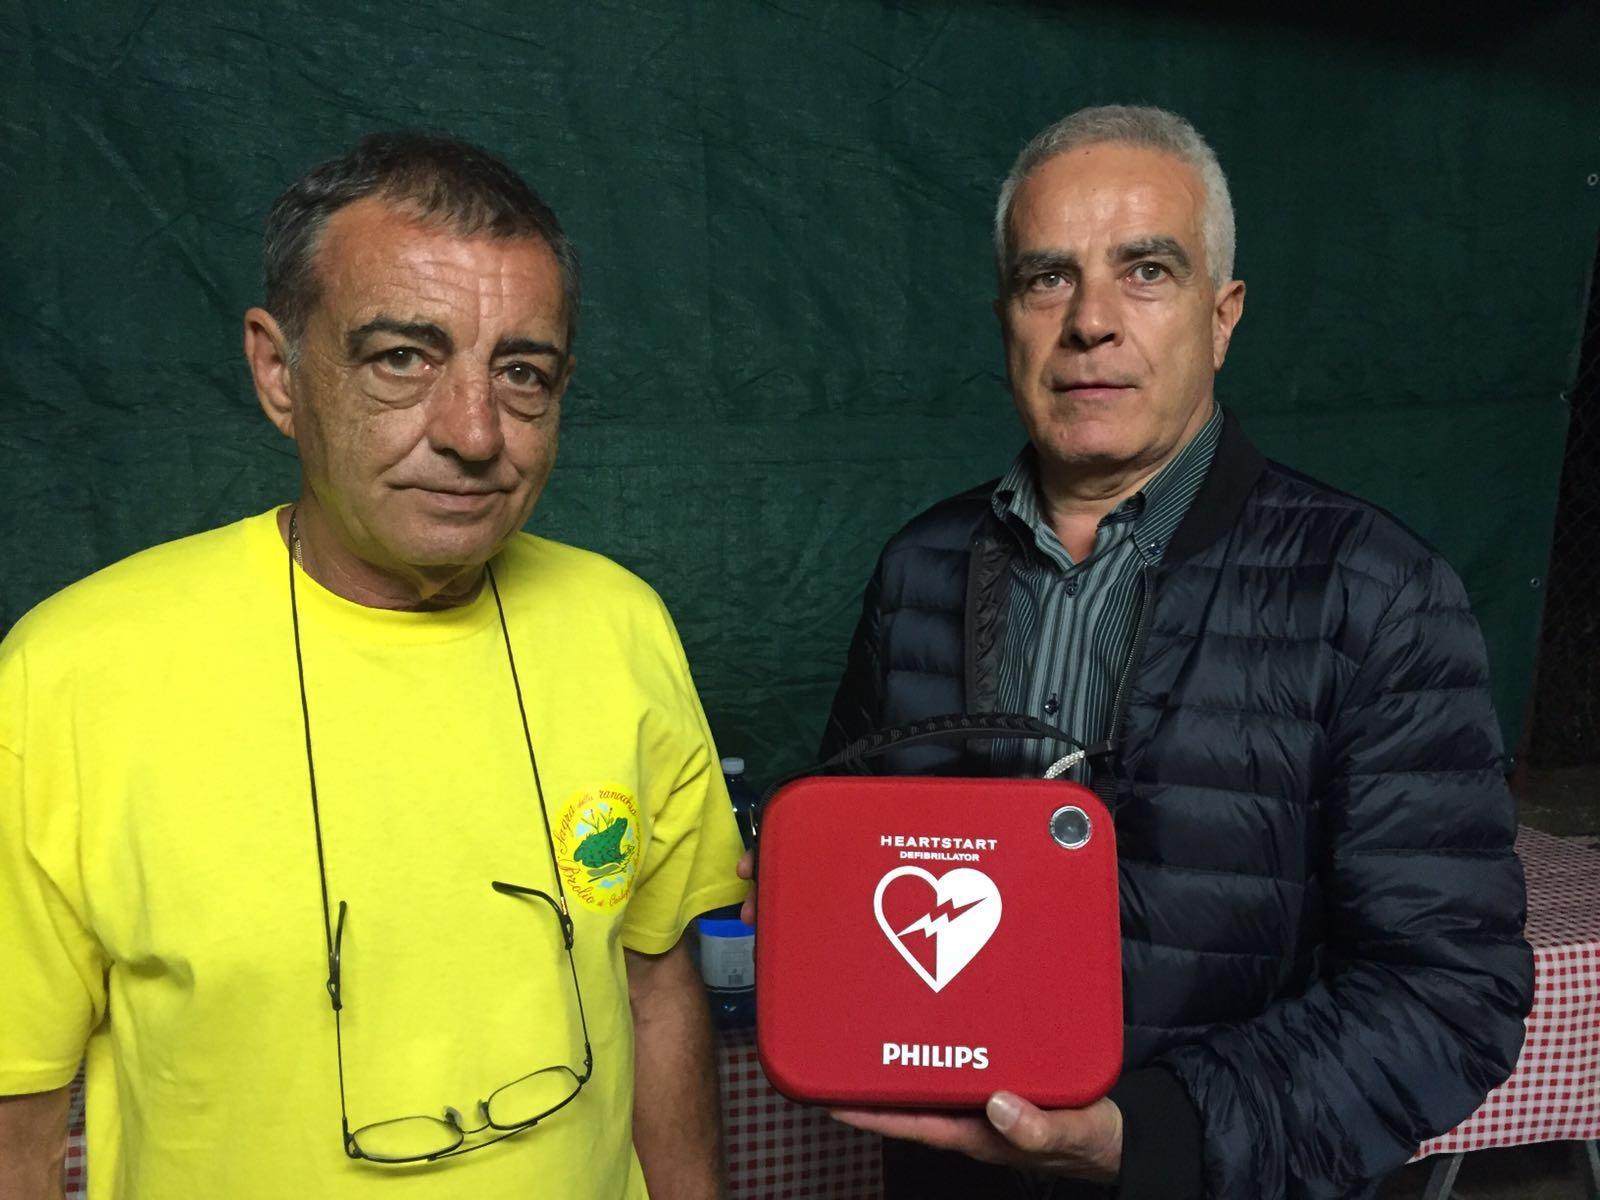 Donato un defibrillatore a Brolio